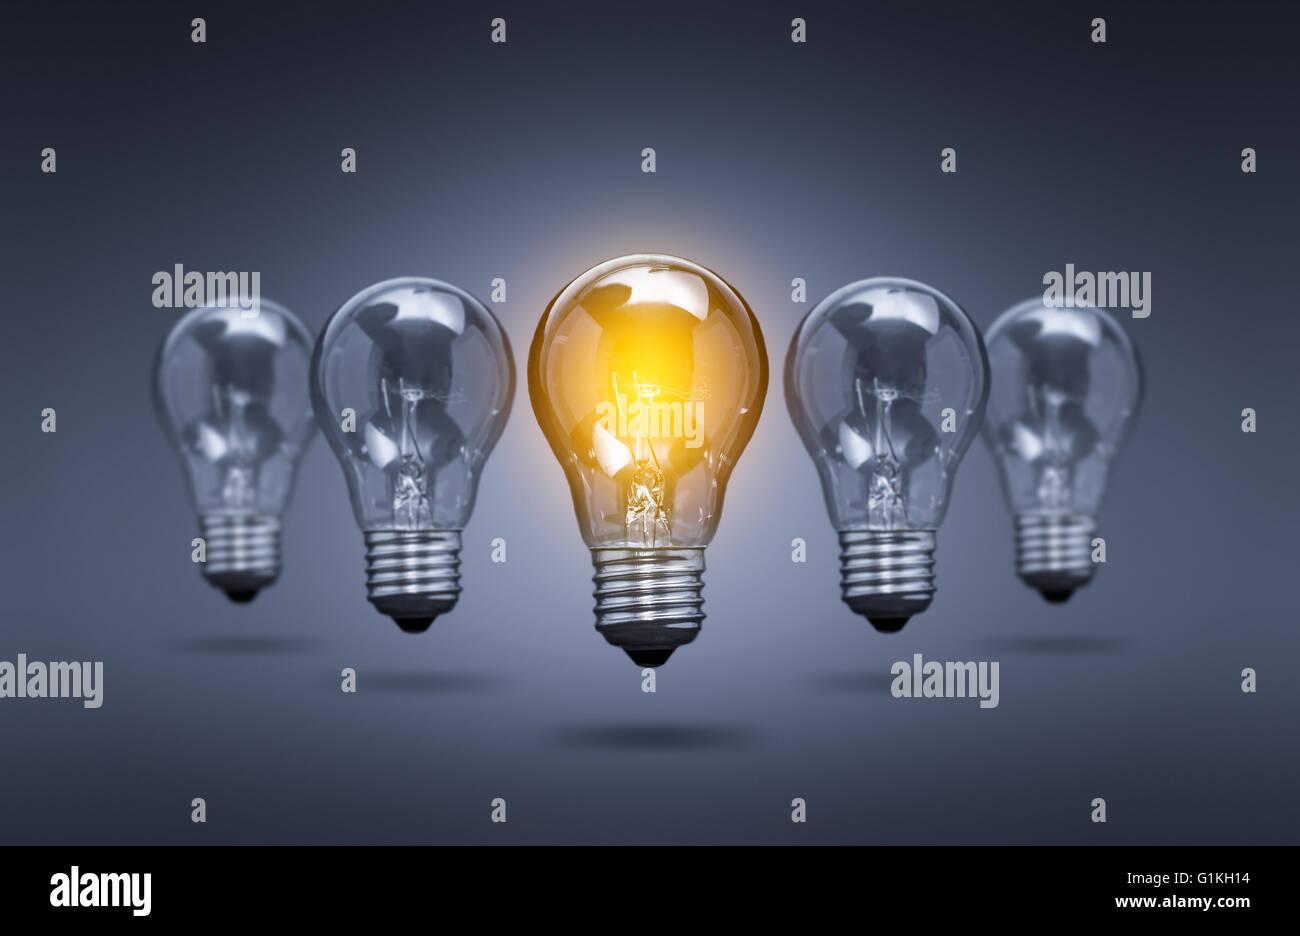 Idée lumineuse de l'ampoule - Leader de l'innovation créative Image Photo Stock